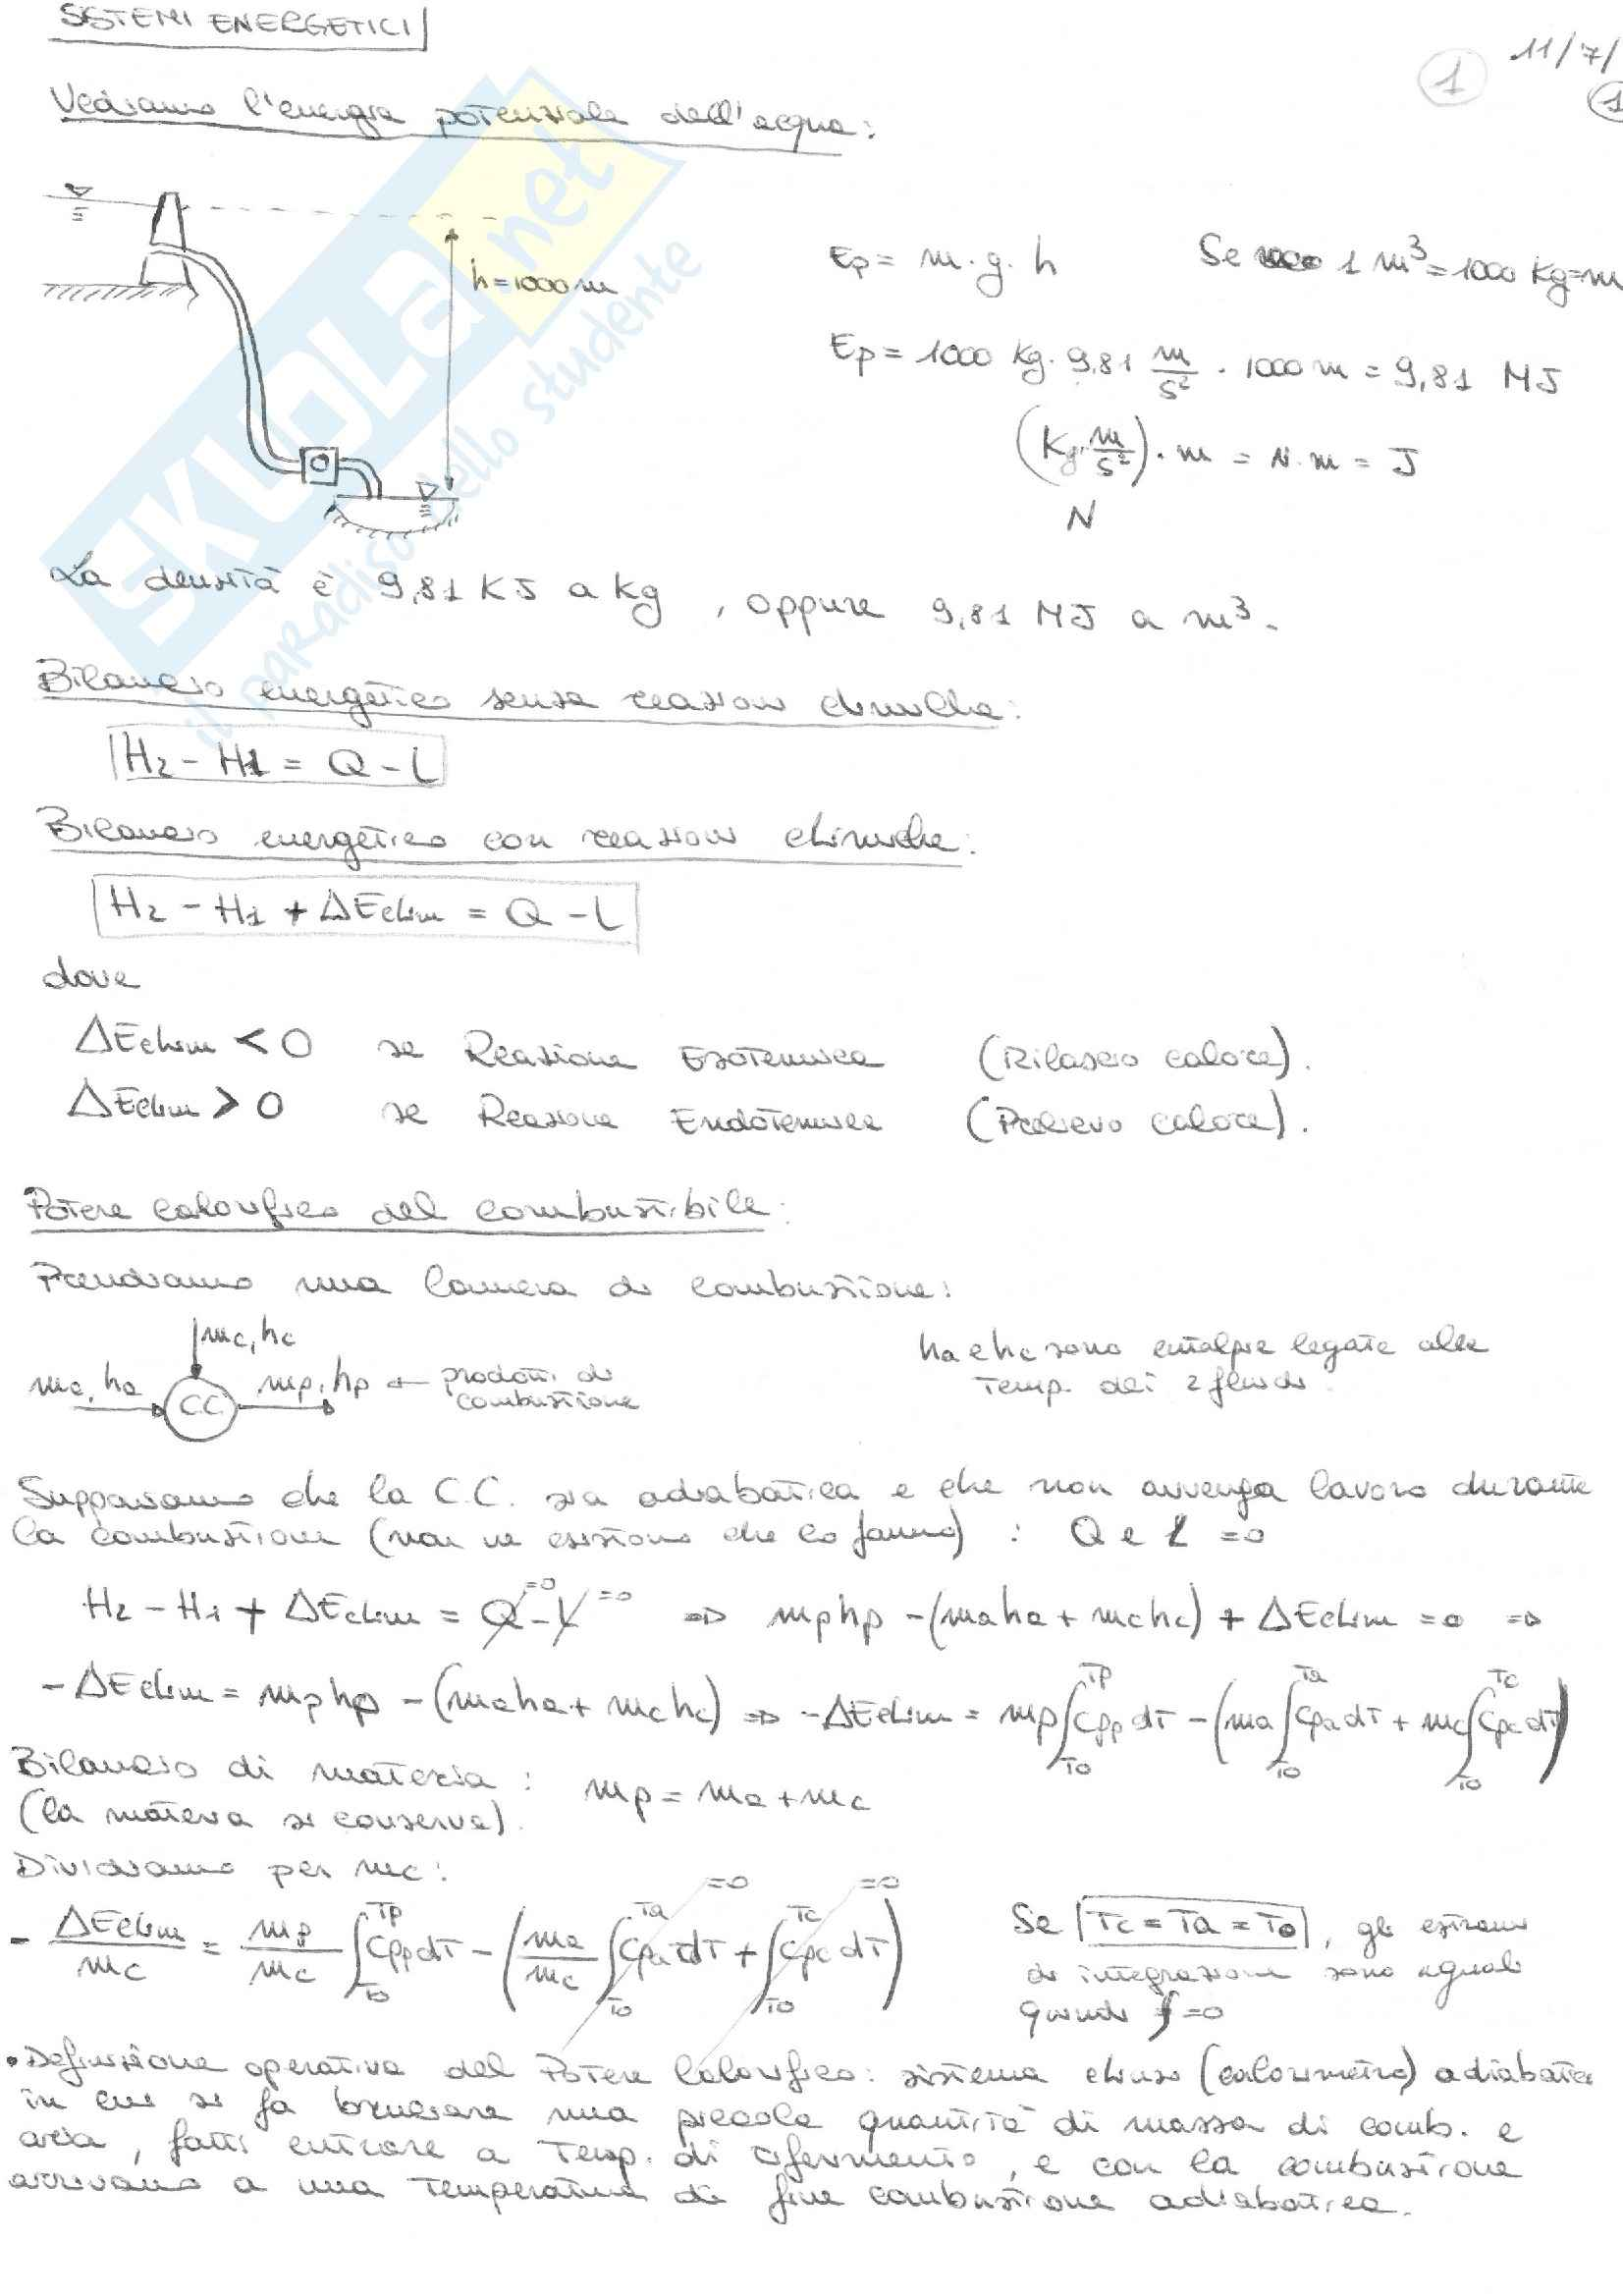 Sistemi Energetici - Appunti